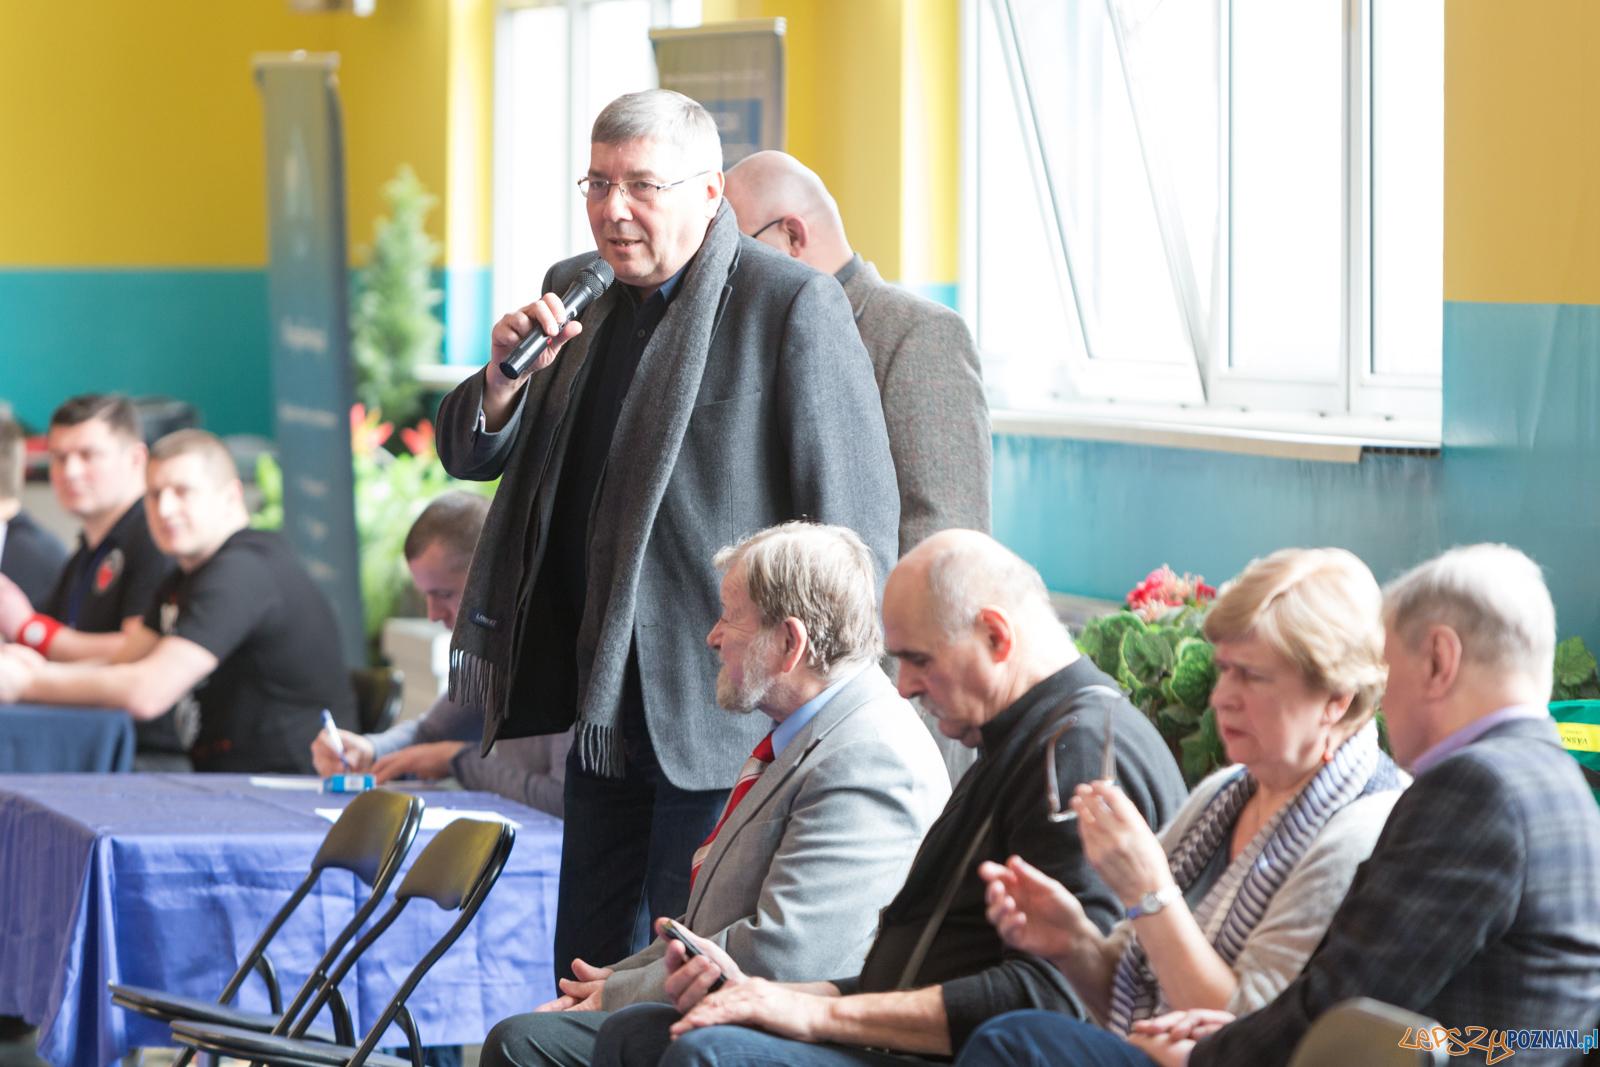 Zapaśniczy Turniej Wielkanocny w KS Sobieski  Foto: lepszyPOZNAN.pl/Piotr Rychter